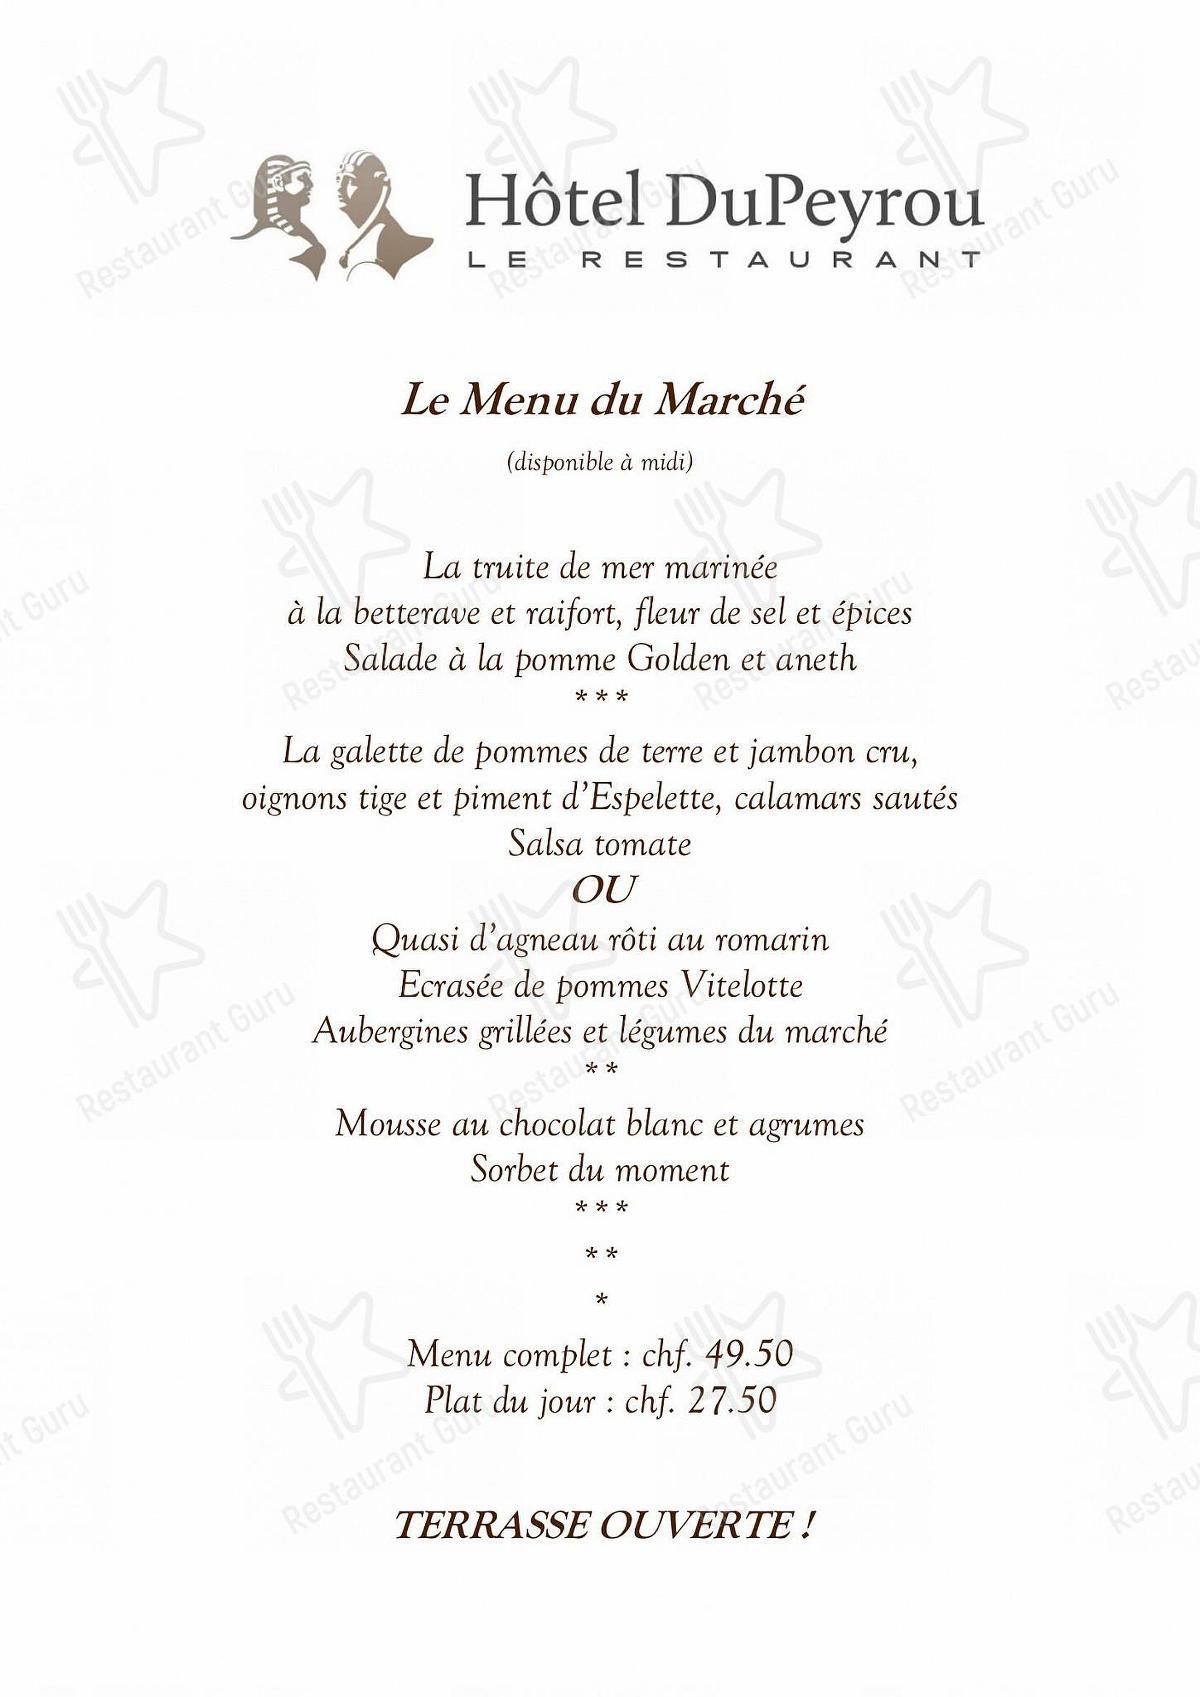 Menu pour Hôtel DuPeyrou restaurant